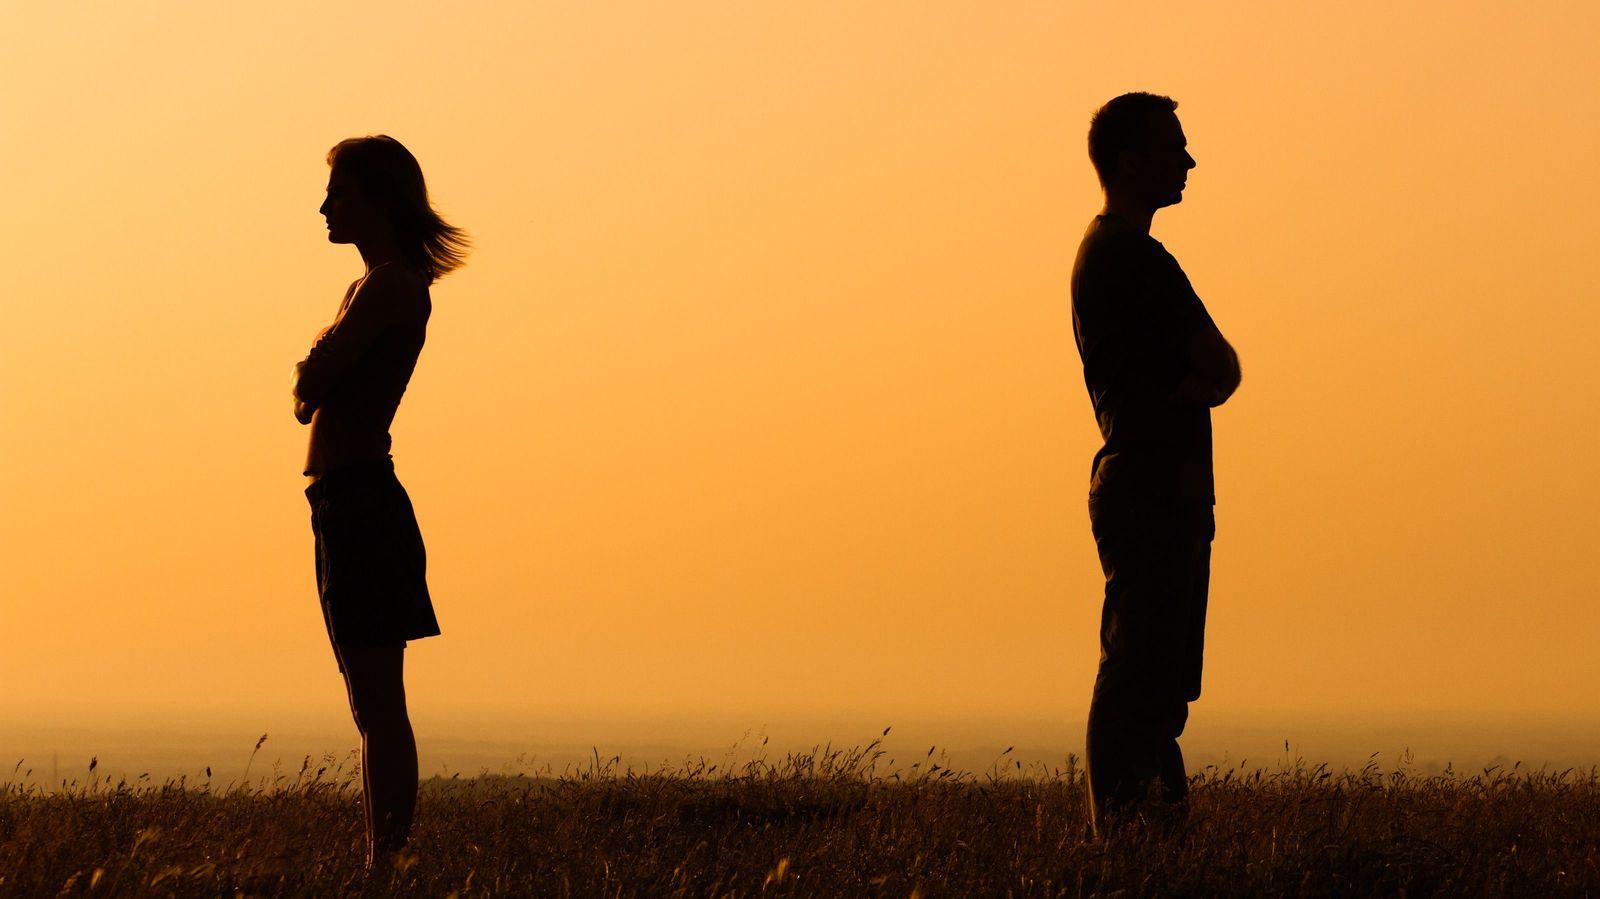 「産後クライシス」に陥る夫婦に共通する3要因 「子供好き」と言うのに育児をしない